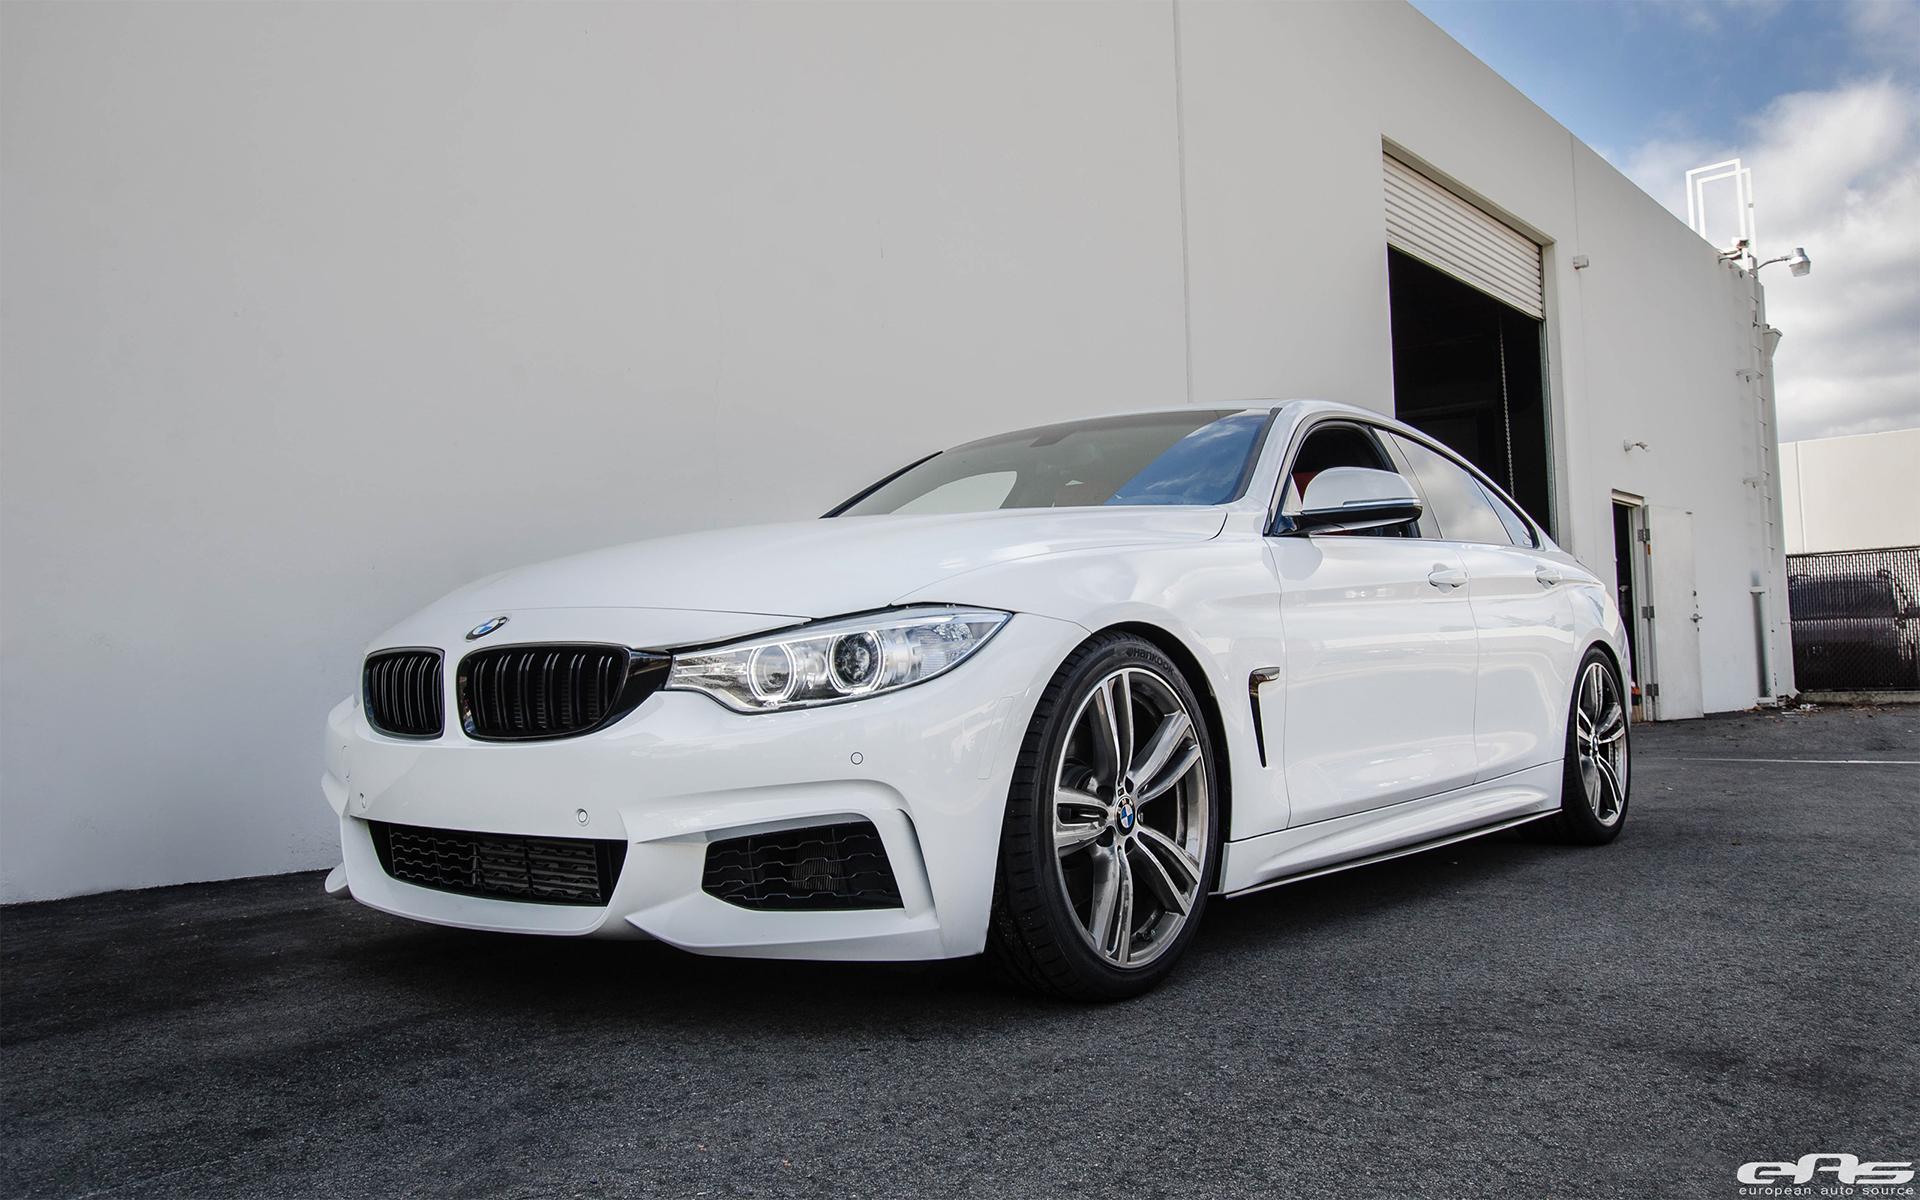 Alpine White BMW 428i Gets Updated At European Auto Source 1